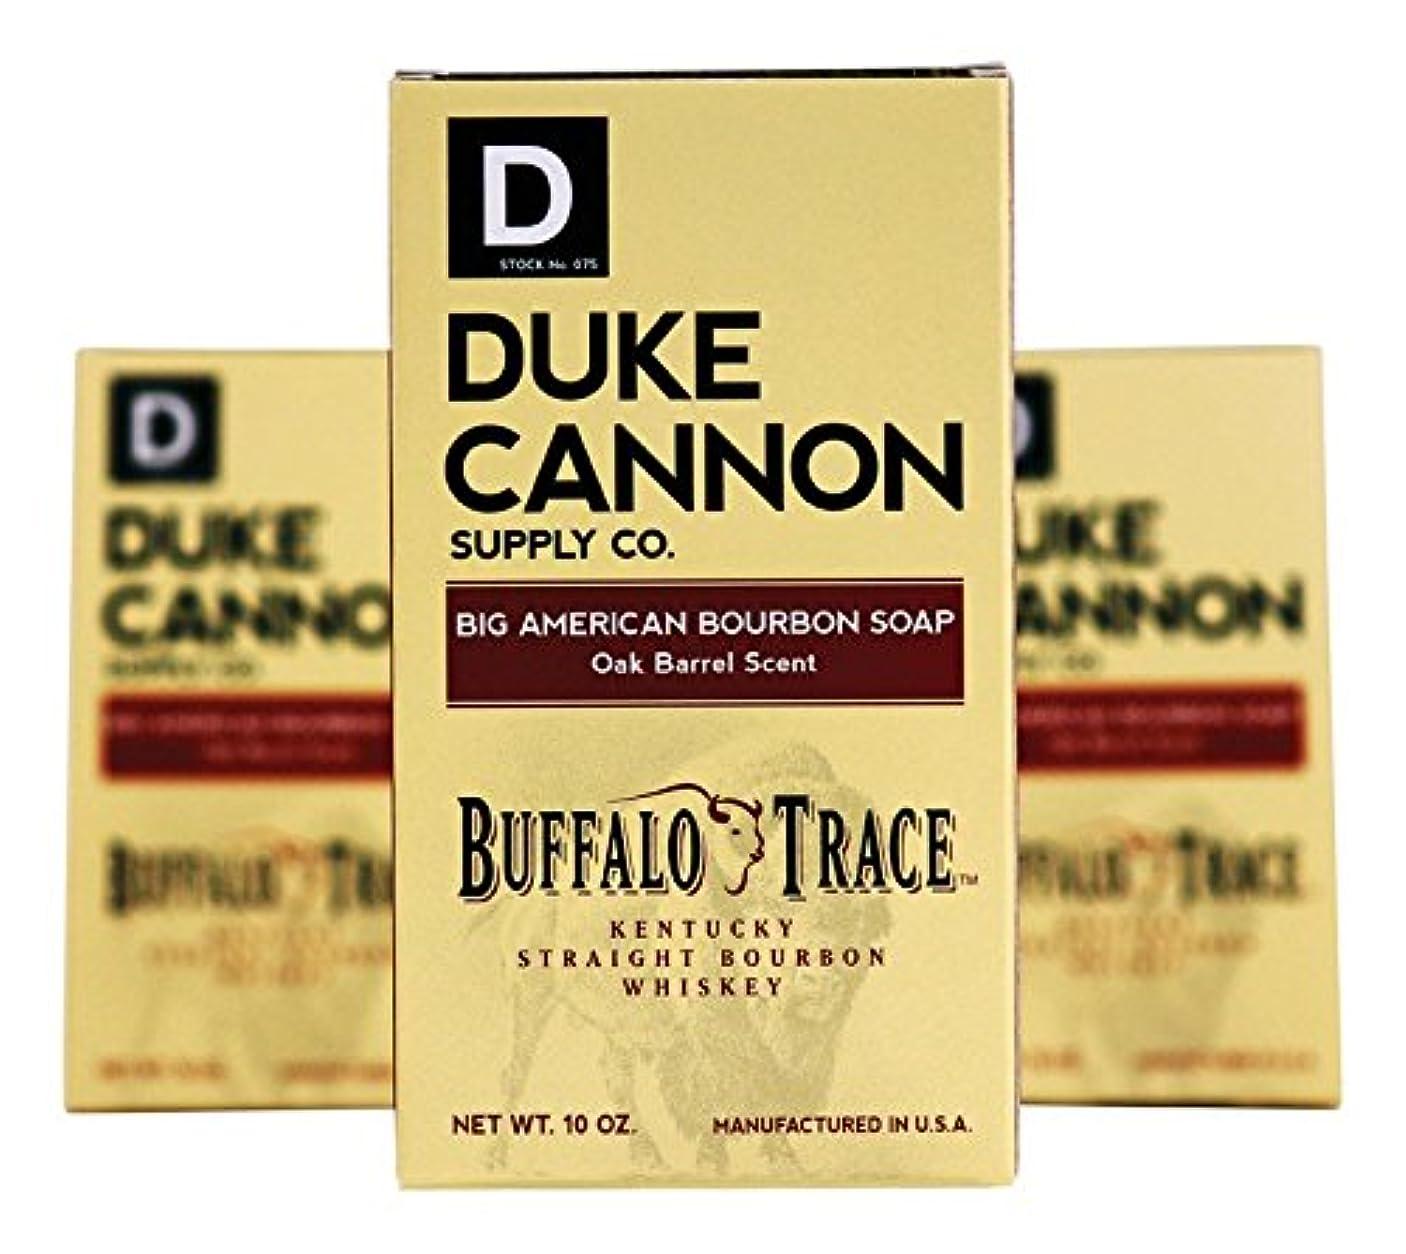 ベルベット論争的復讐Duke Cannon タバーンコレクションスペシャルエディションメンズソープ(、)